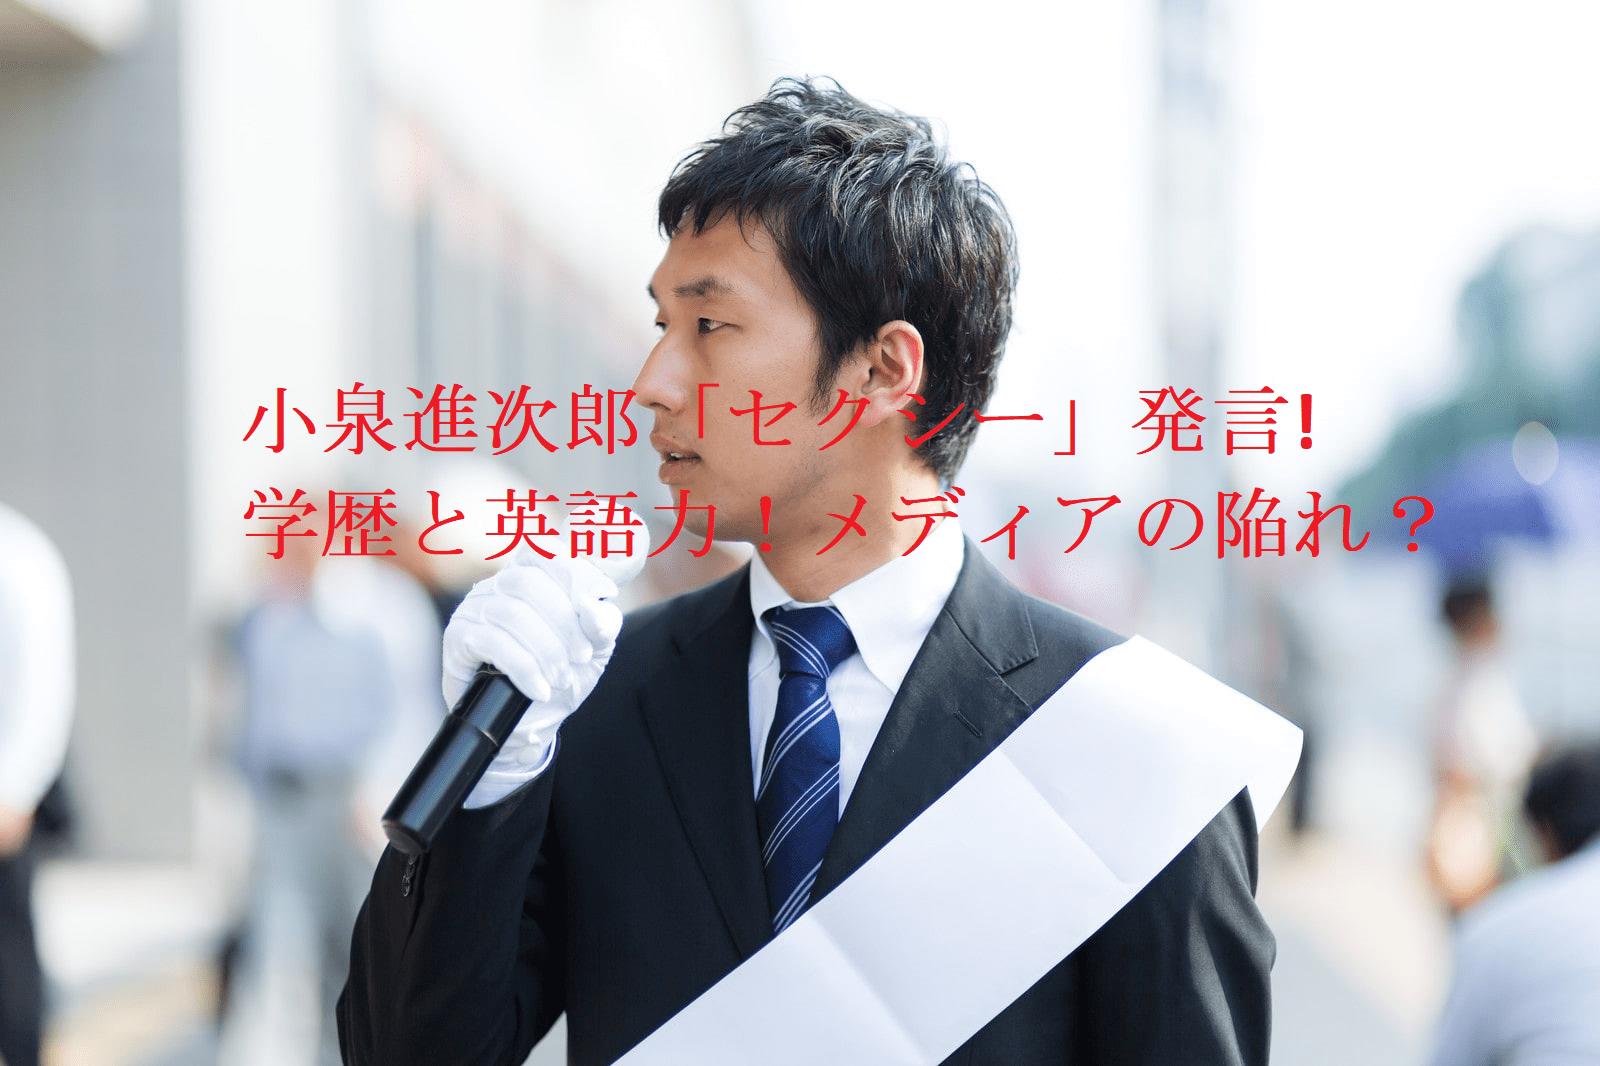 小泉進次郎「セクシー」発言!学歴と英語力!メディアの陥れ?